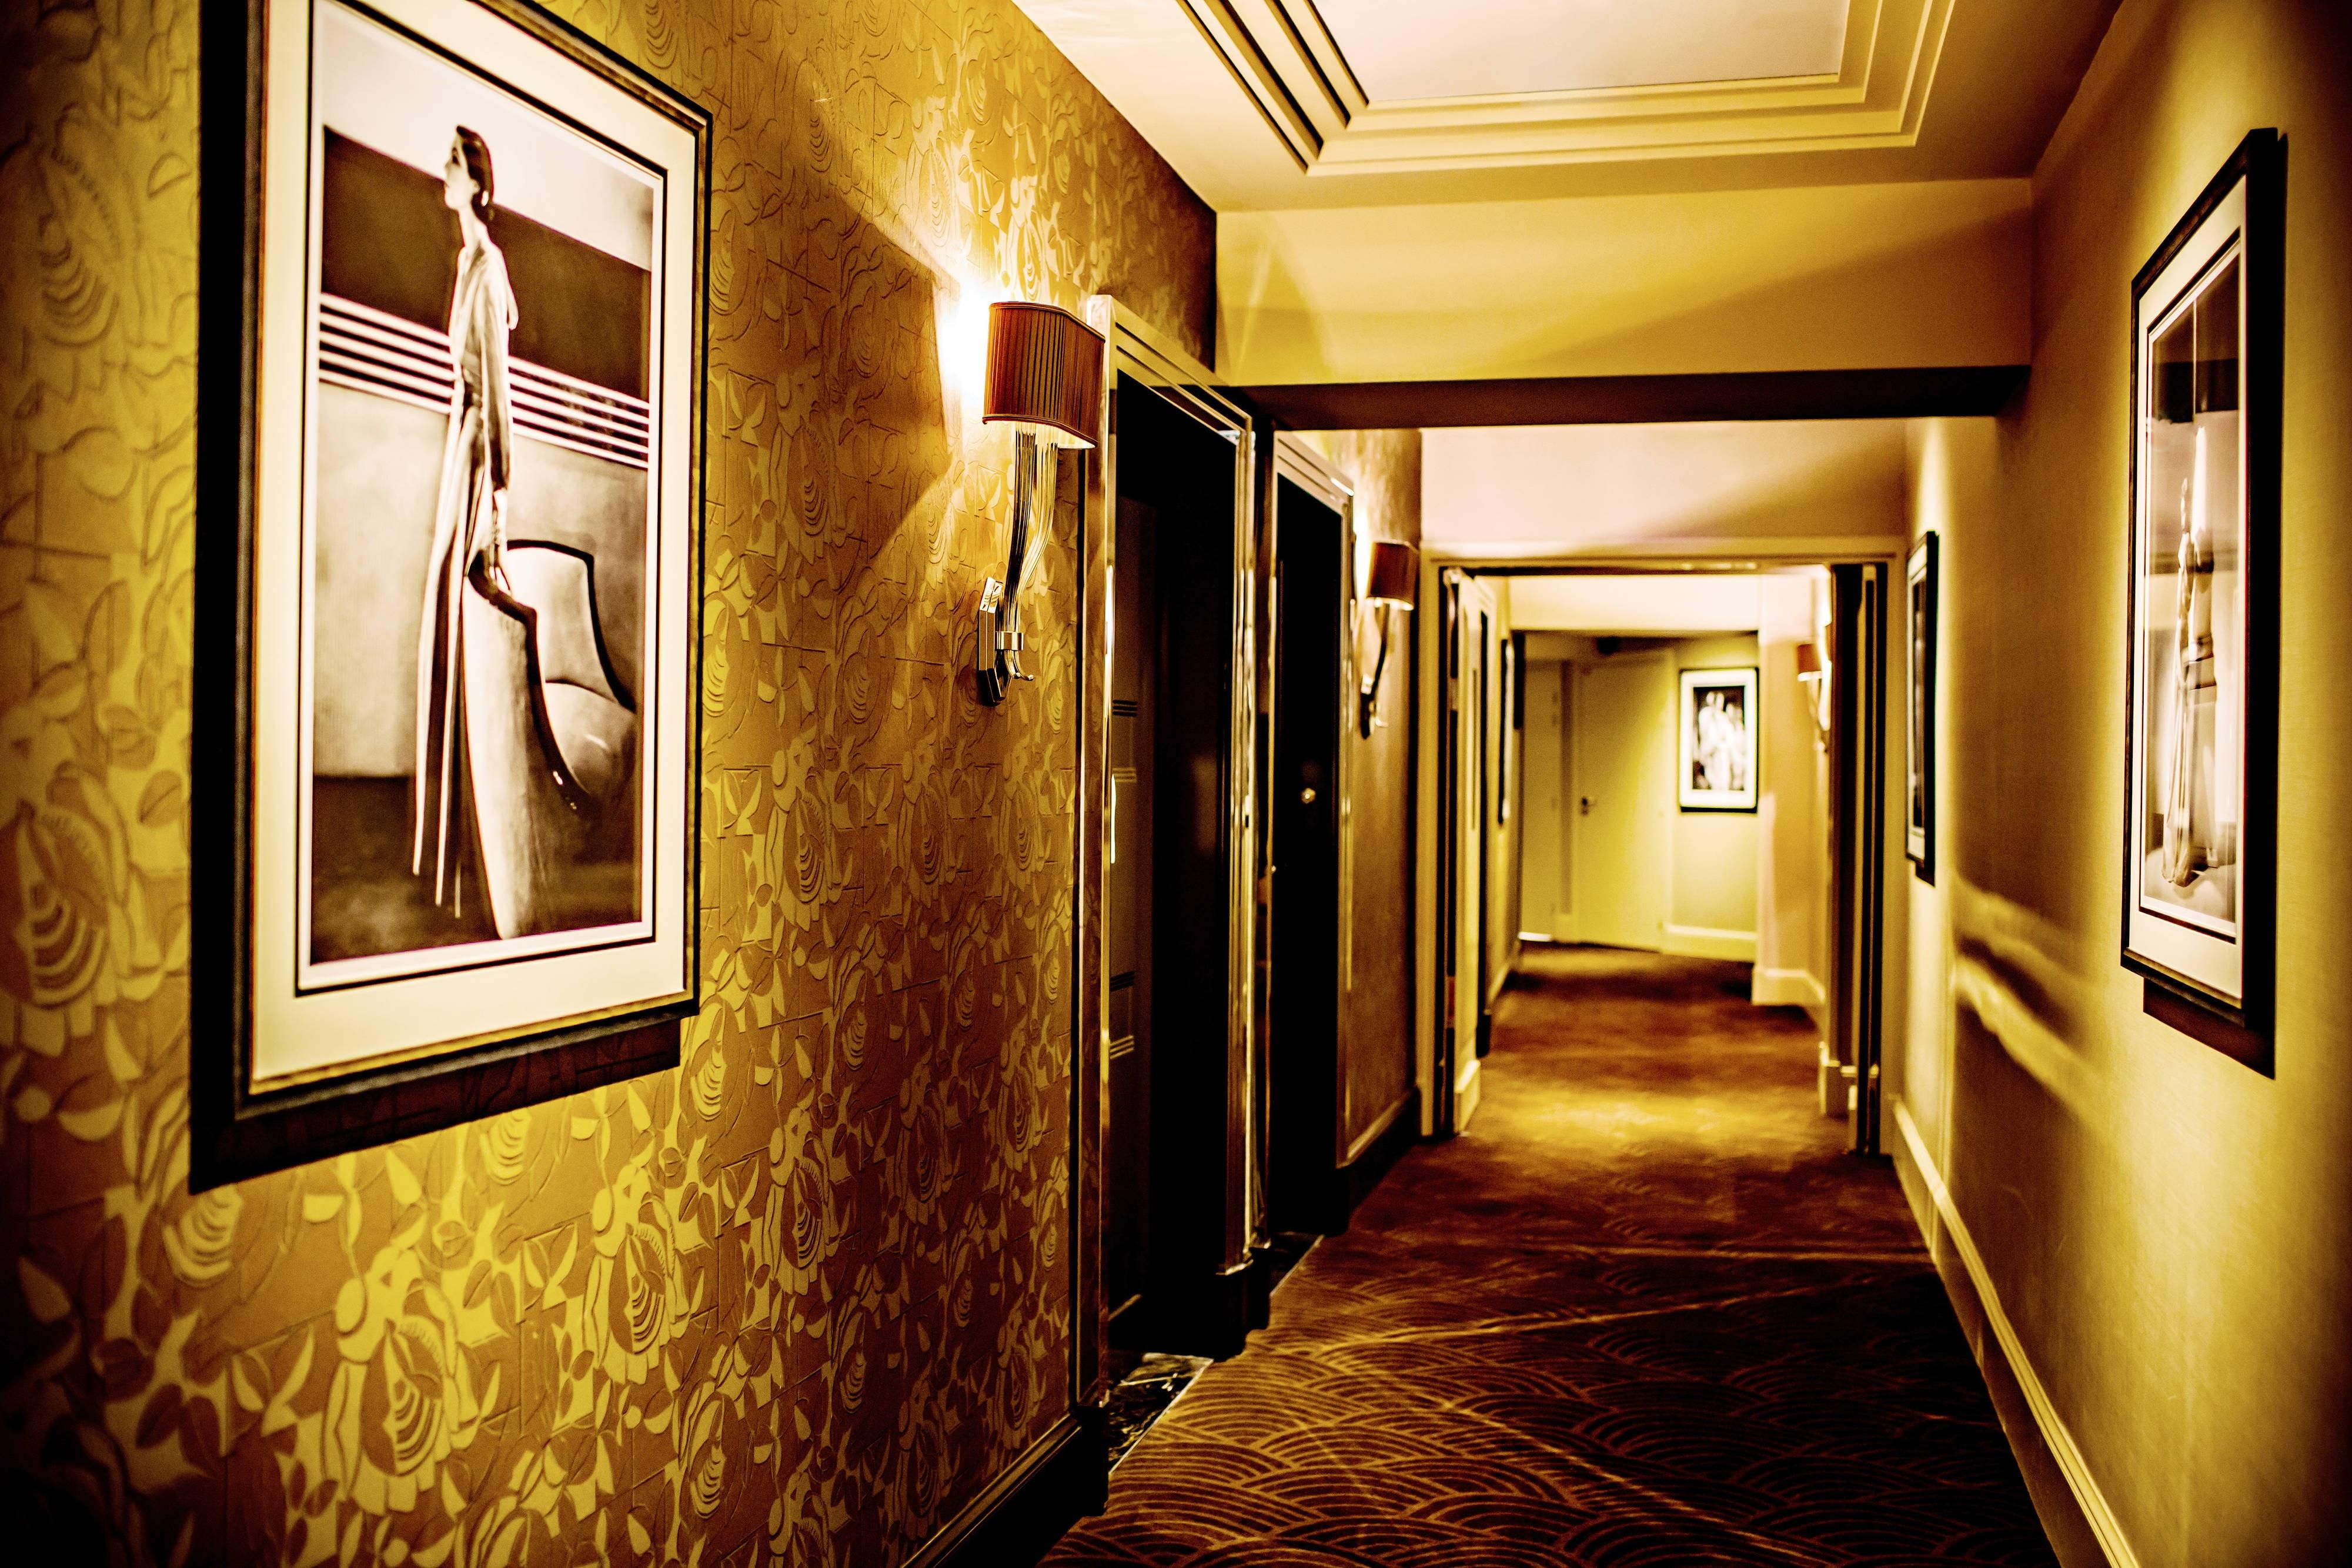 Couloirs Art déco